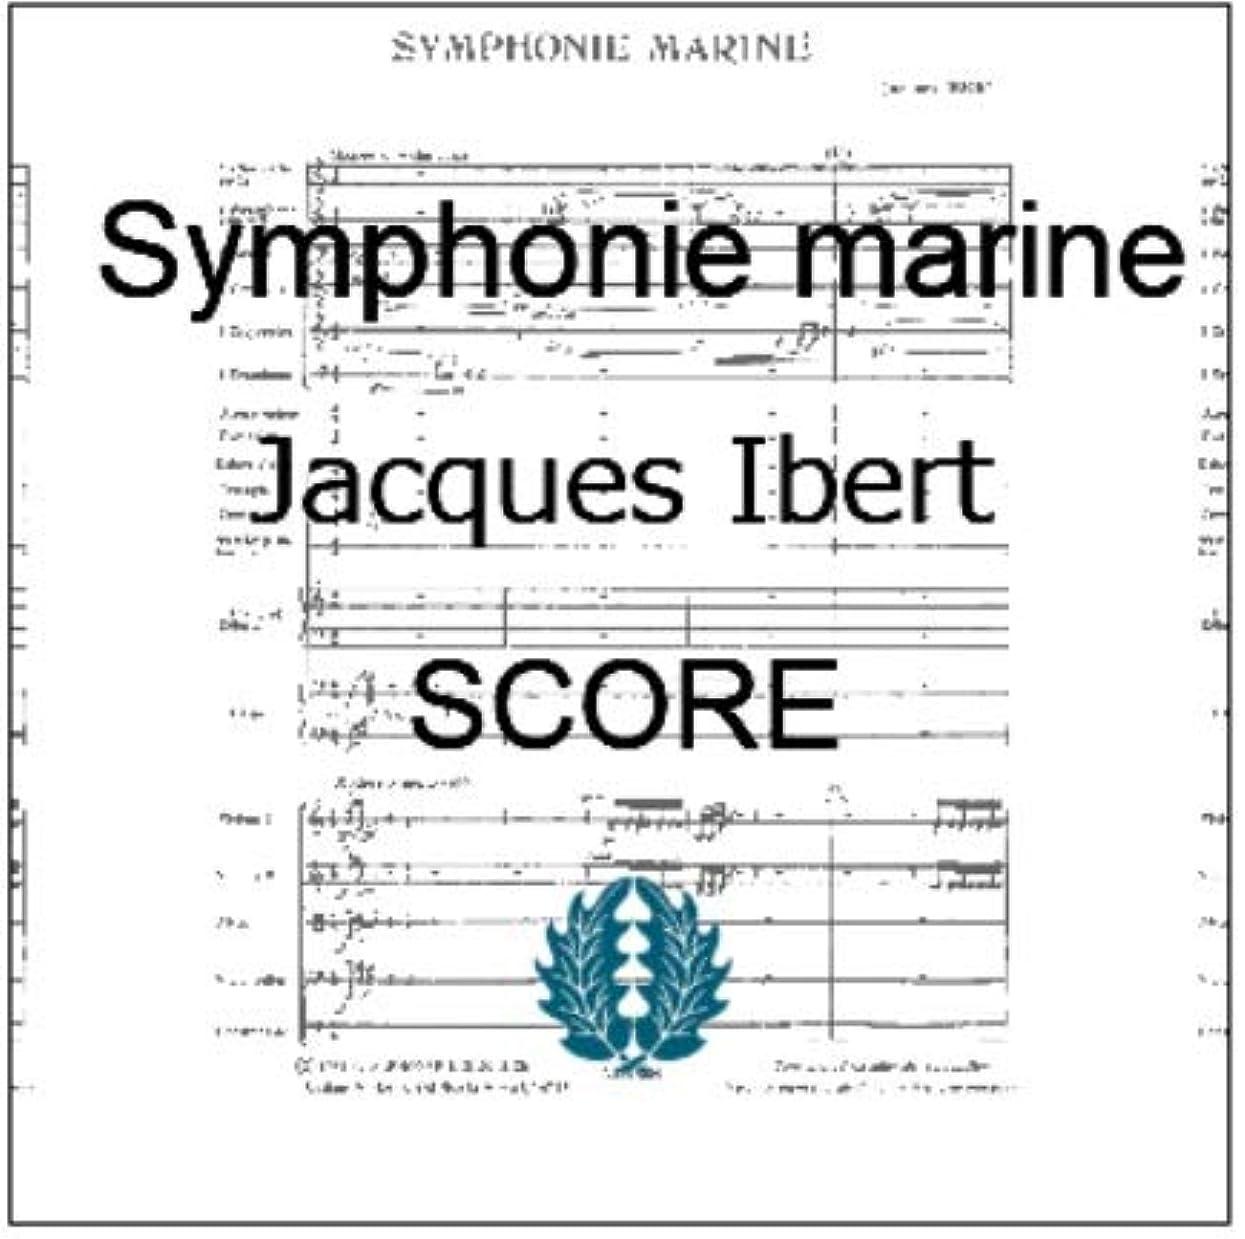 楽譜 pdf オーケストラ スコア イベール 海の交響曲